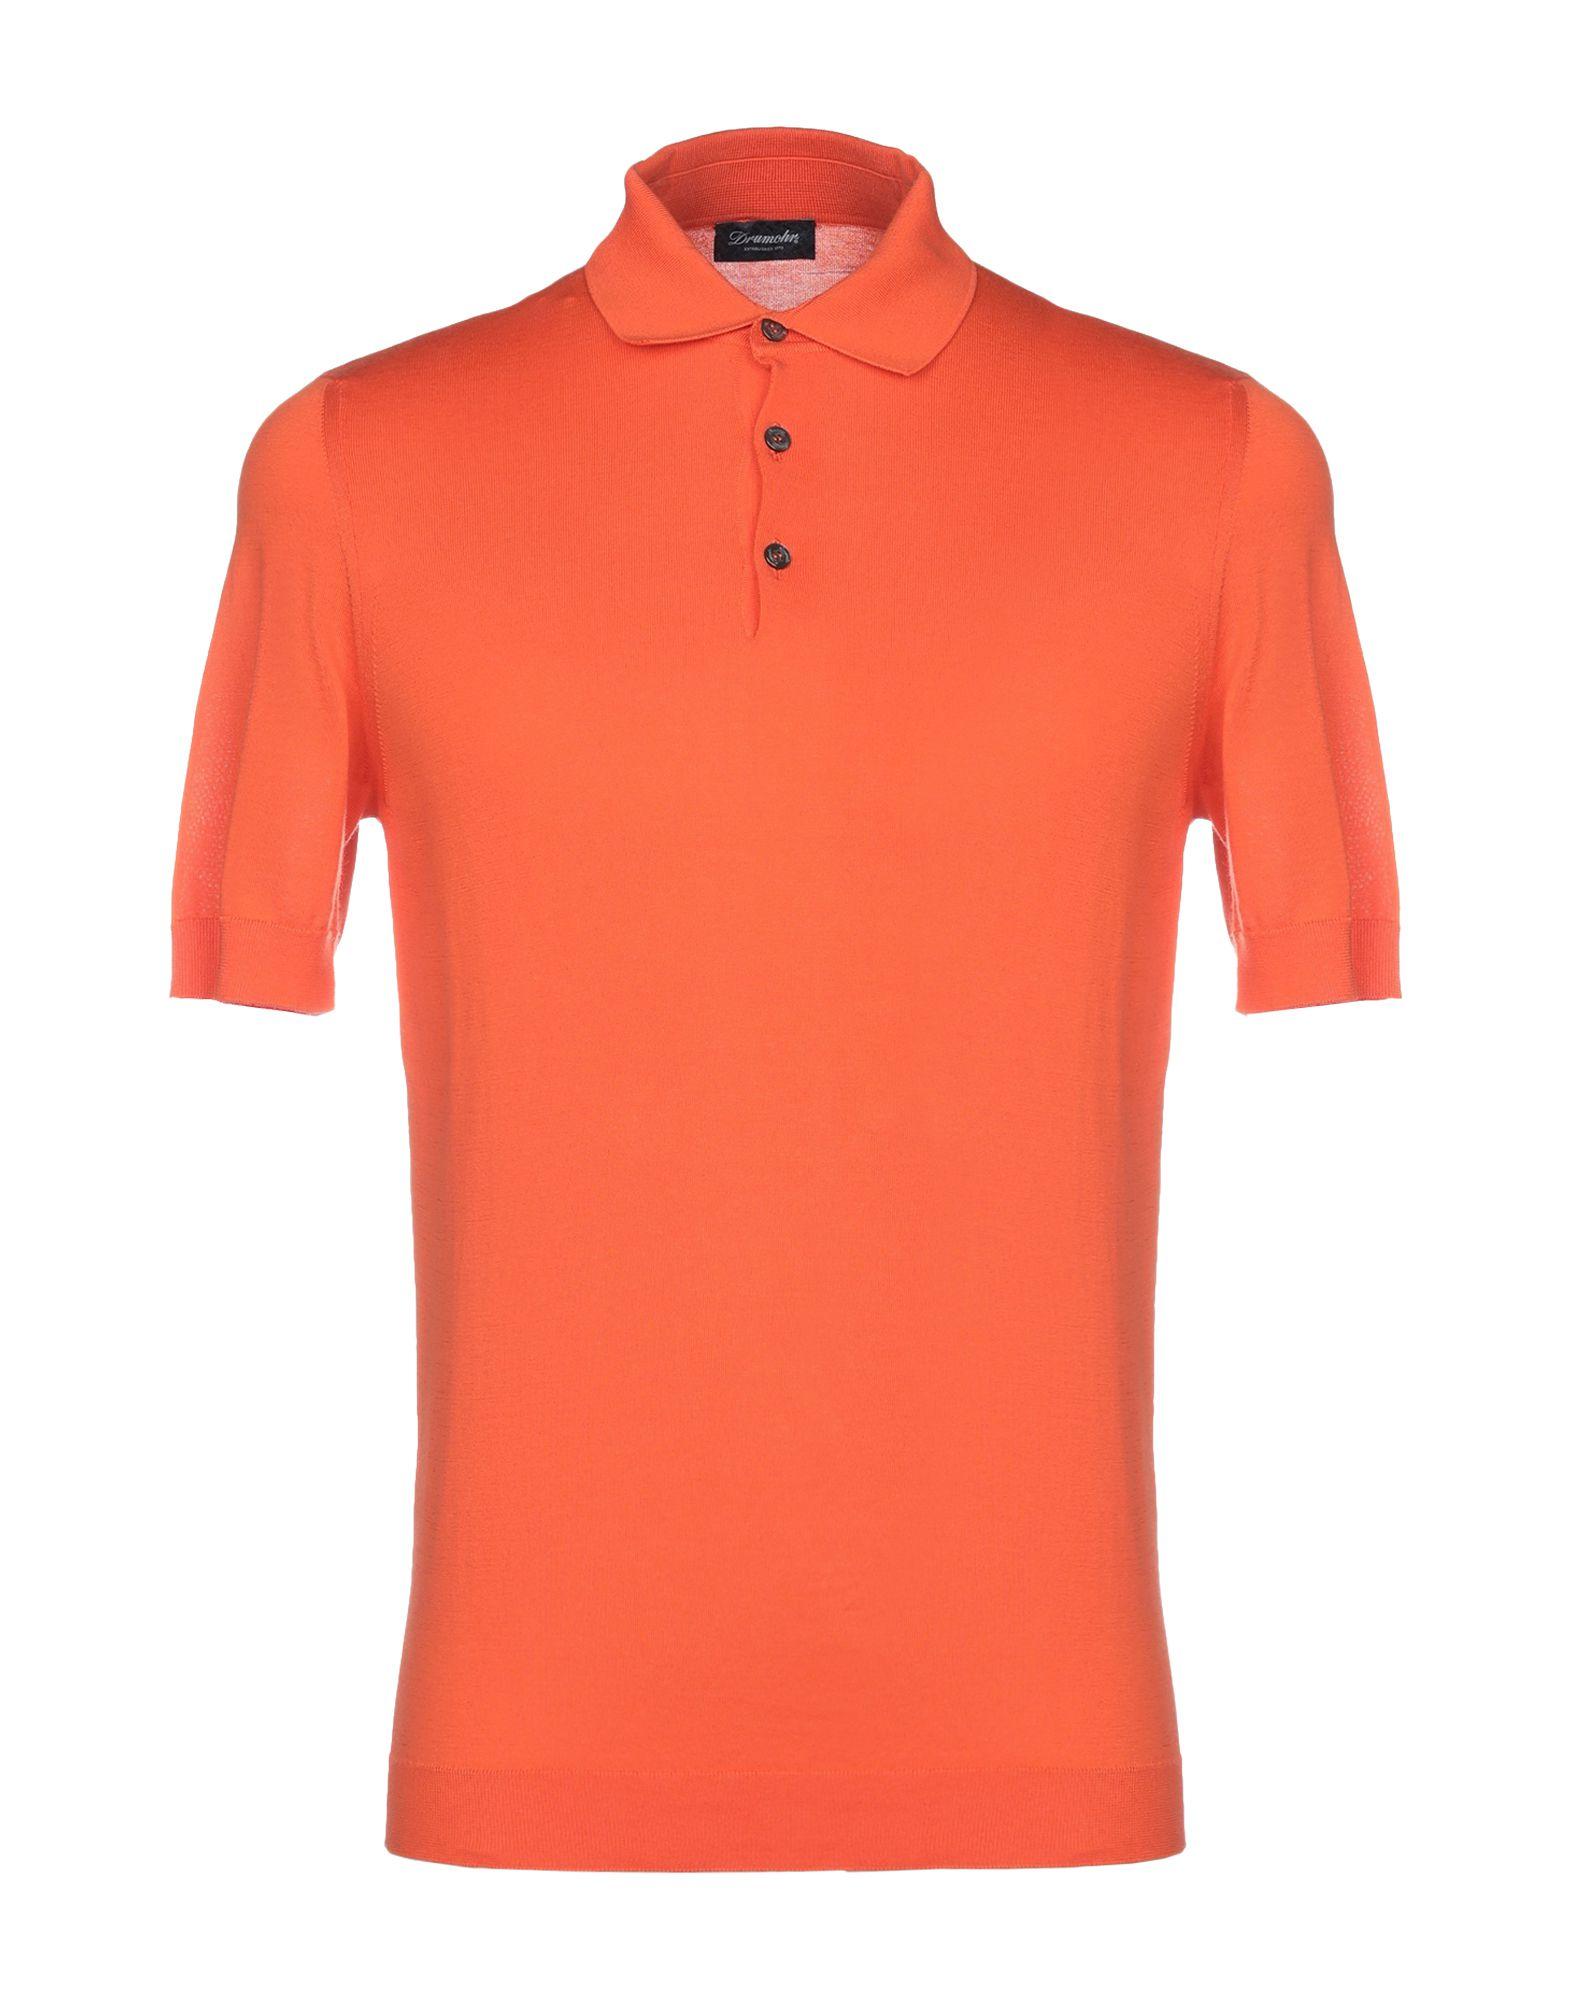 《送料無料》DRUMOHR メンズ プルオーバー オレンジ 46 コットン 100%